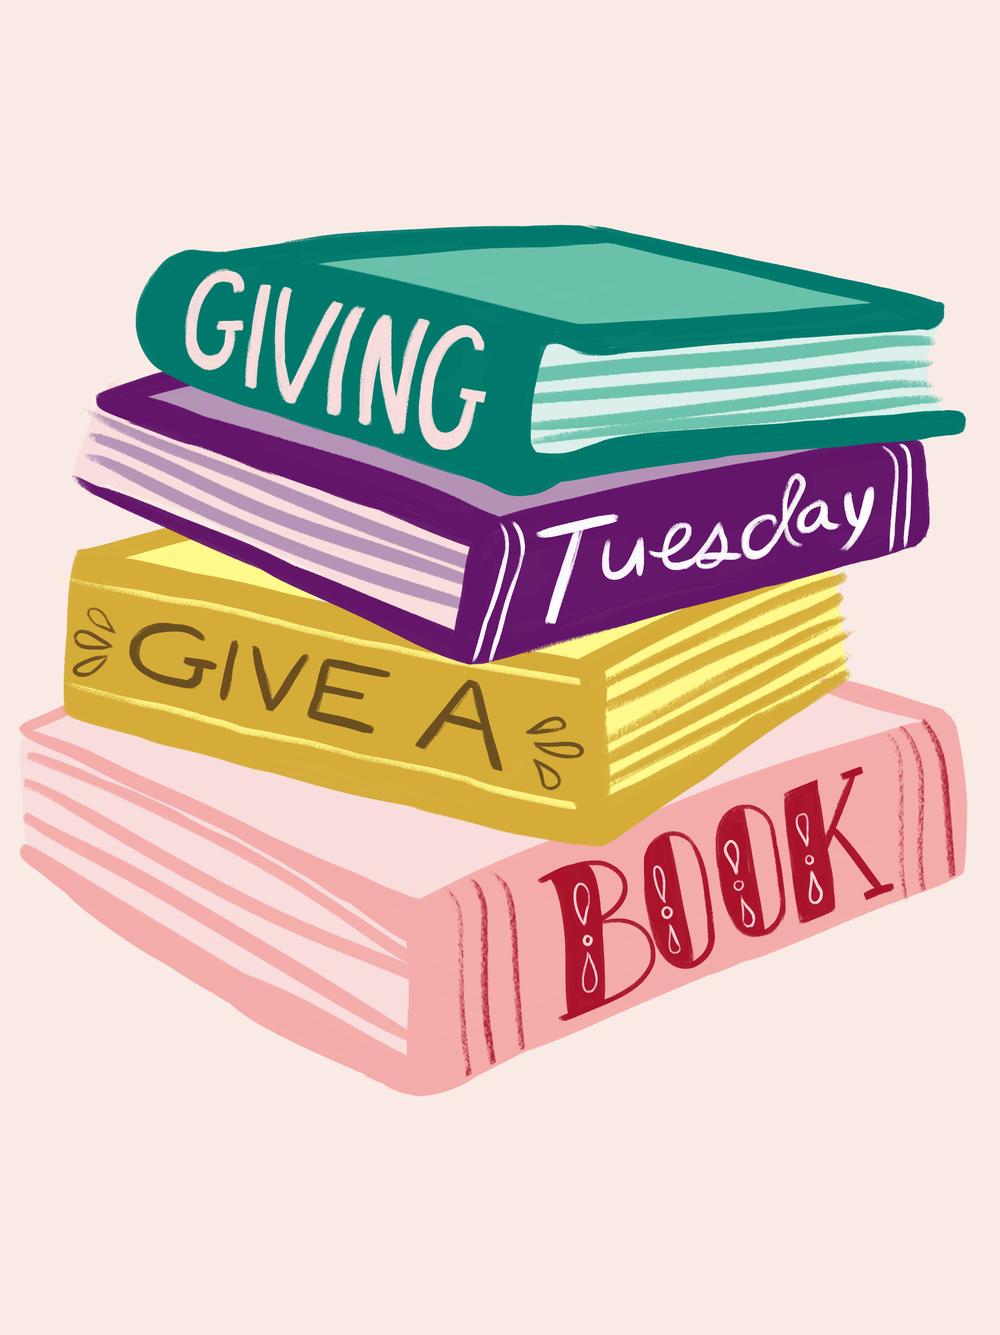 Donate $1 to Kusi Kawsay Library